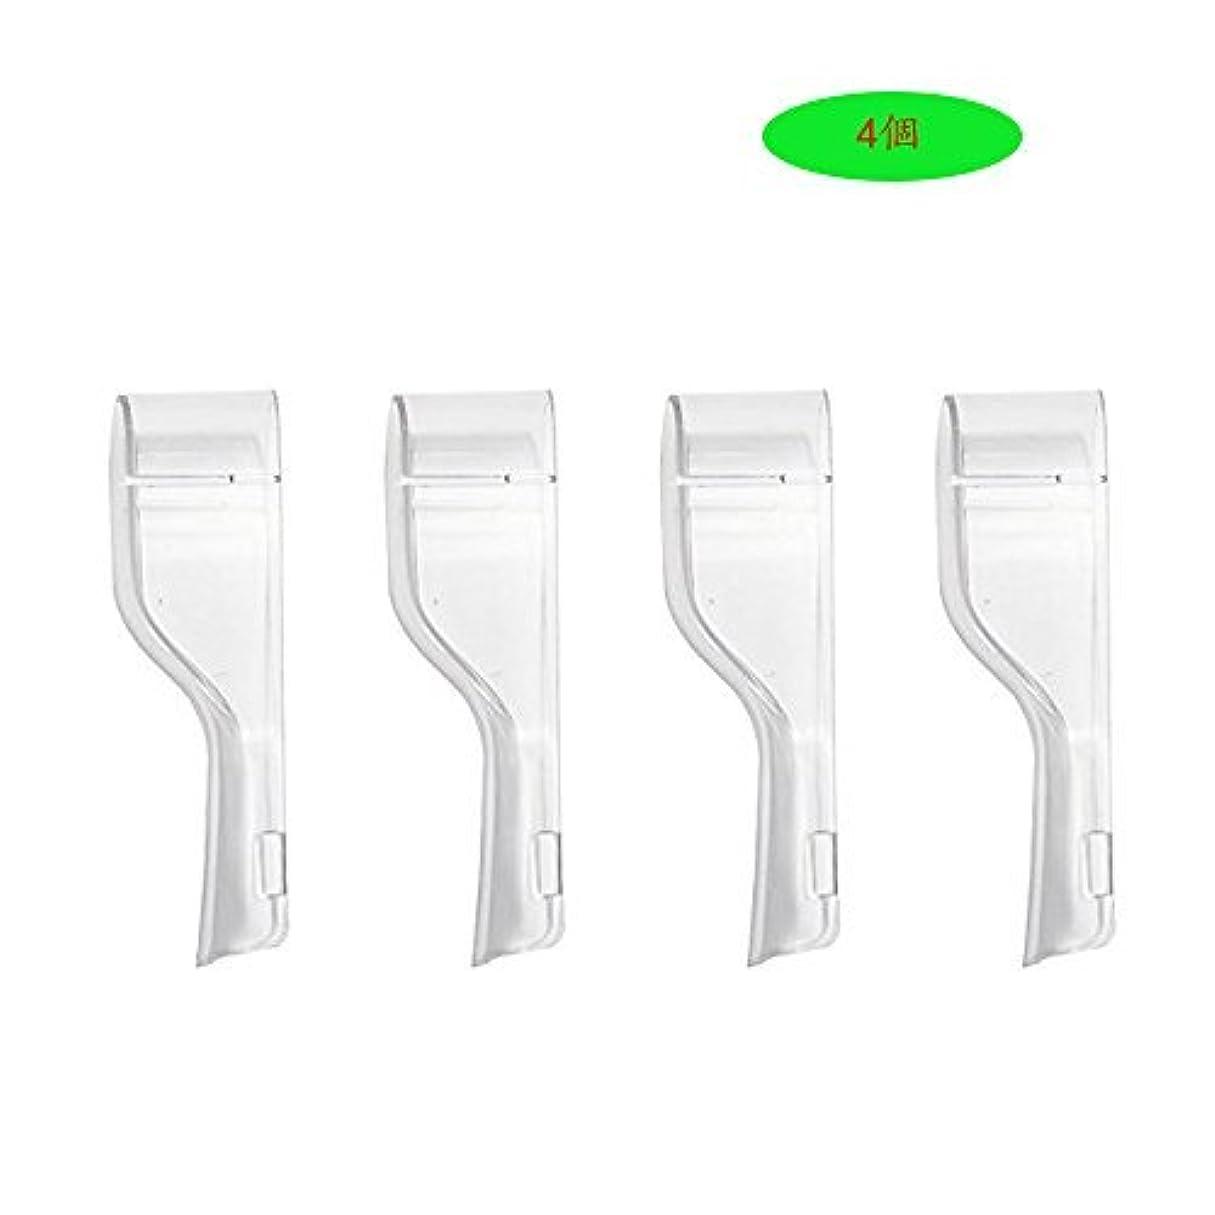 聖なる前奏曲姉妹For SR18 / SR32 / EB30 ブラウン オーラルB 電動歯ブラシ用 替えブラシ互換 スイングブラシ 硬い歯ブラシのヘッドキャップ保護カバー by Kadior